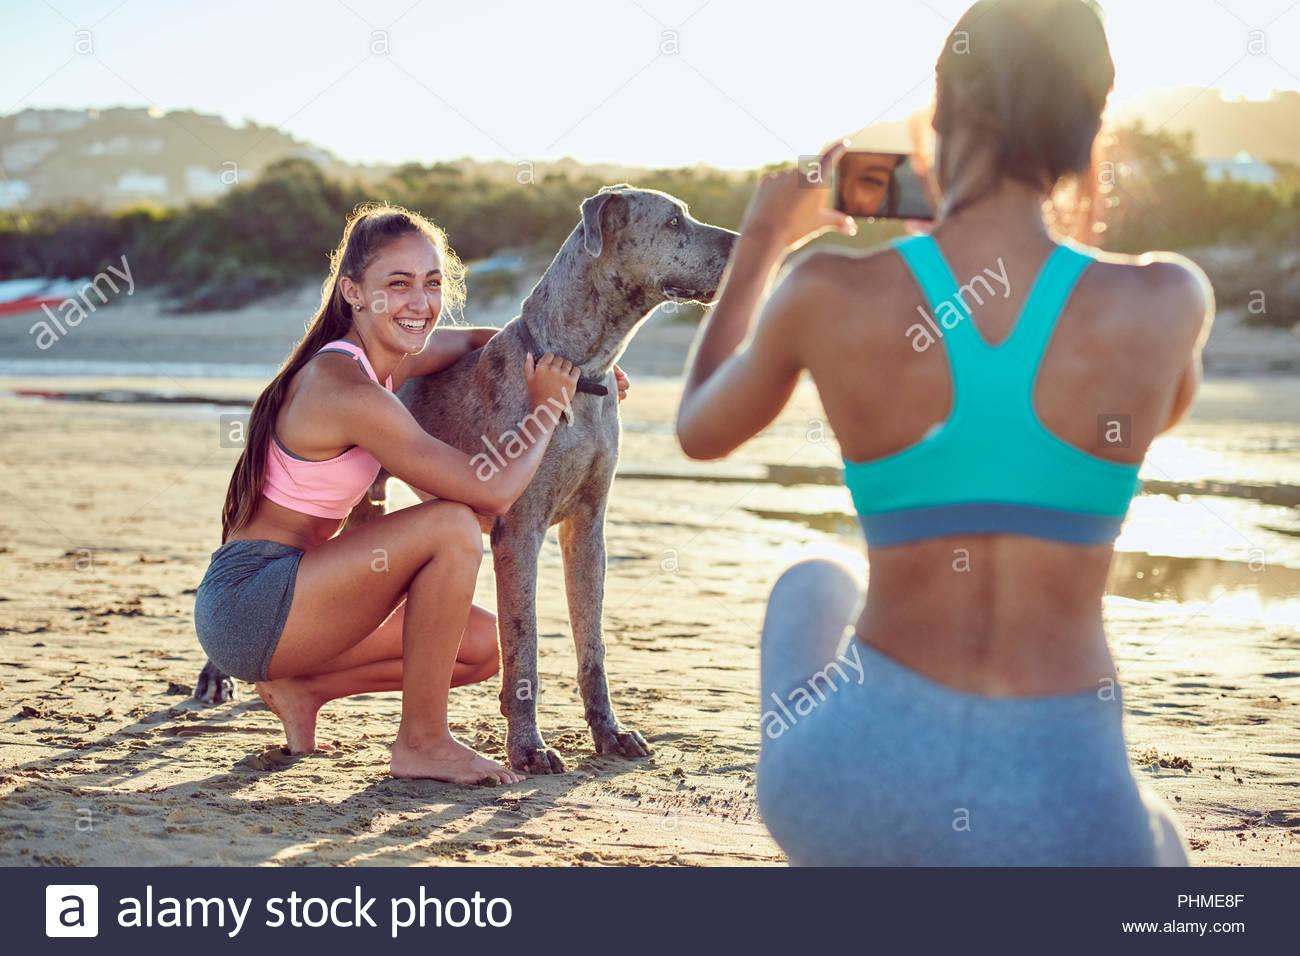 Junge Frau Streichelzoo Hund, während ihr Freund Foto dauert Stockbild